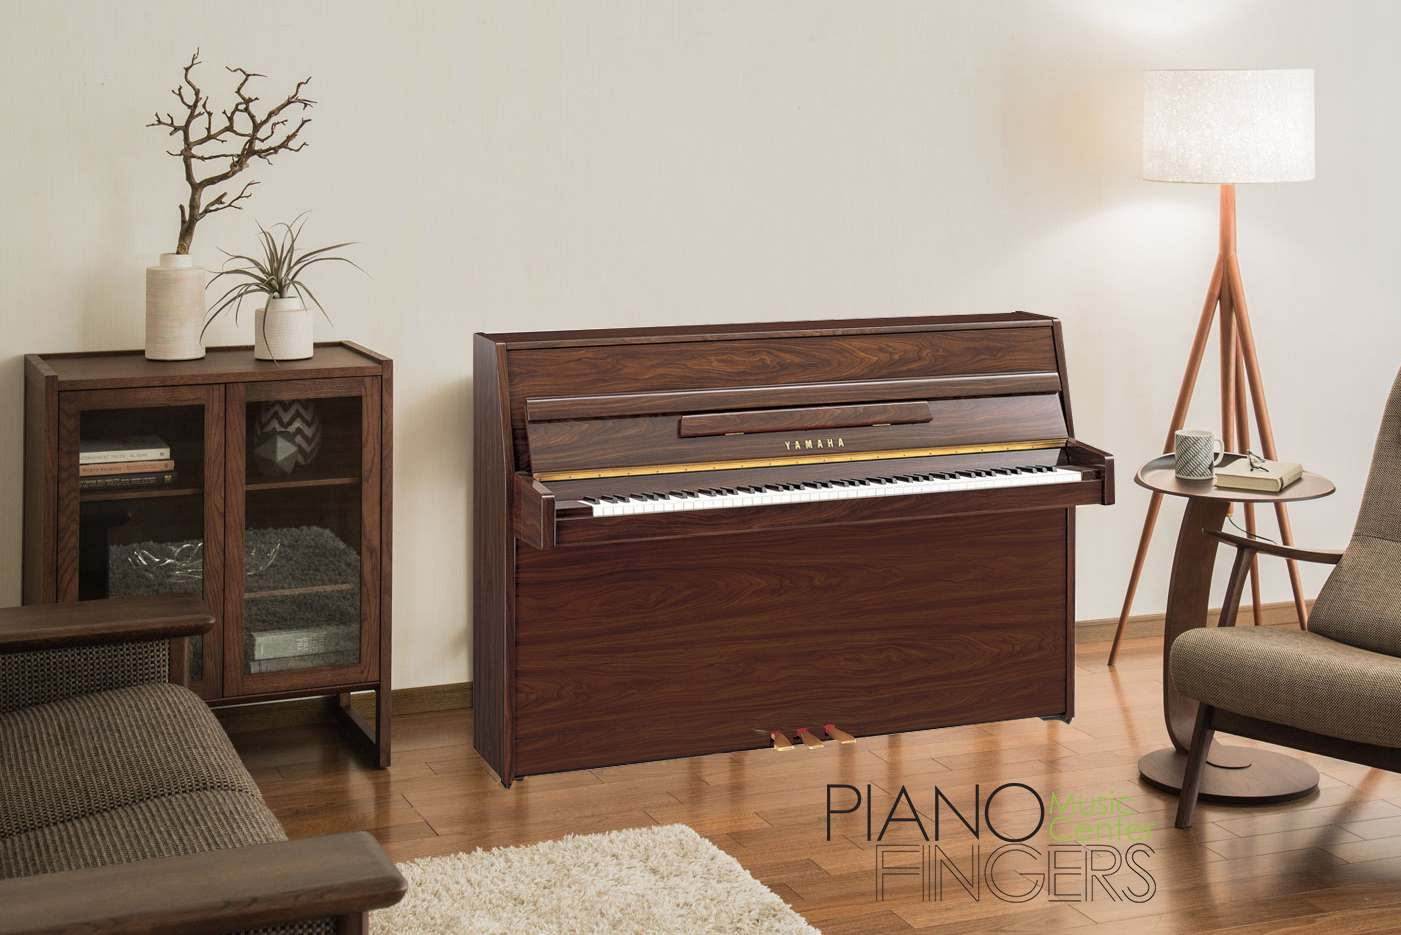 top-8-cay-dan-piano-co-yamaha-cu-dang-mua-nhat-2021-yamaha-ju109